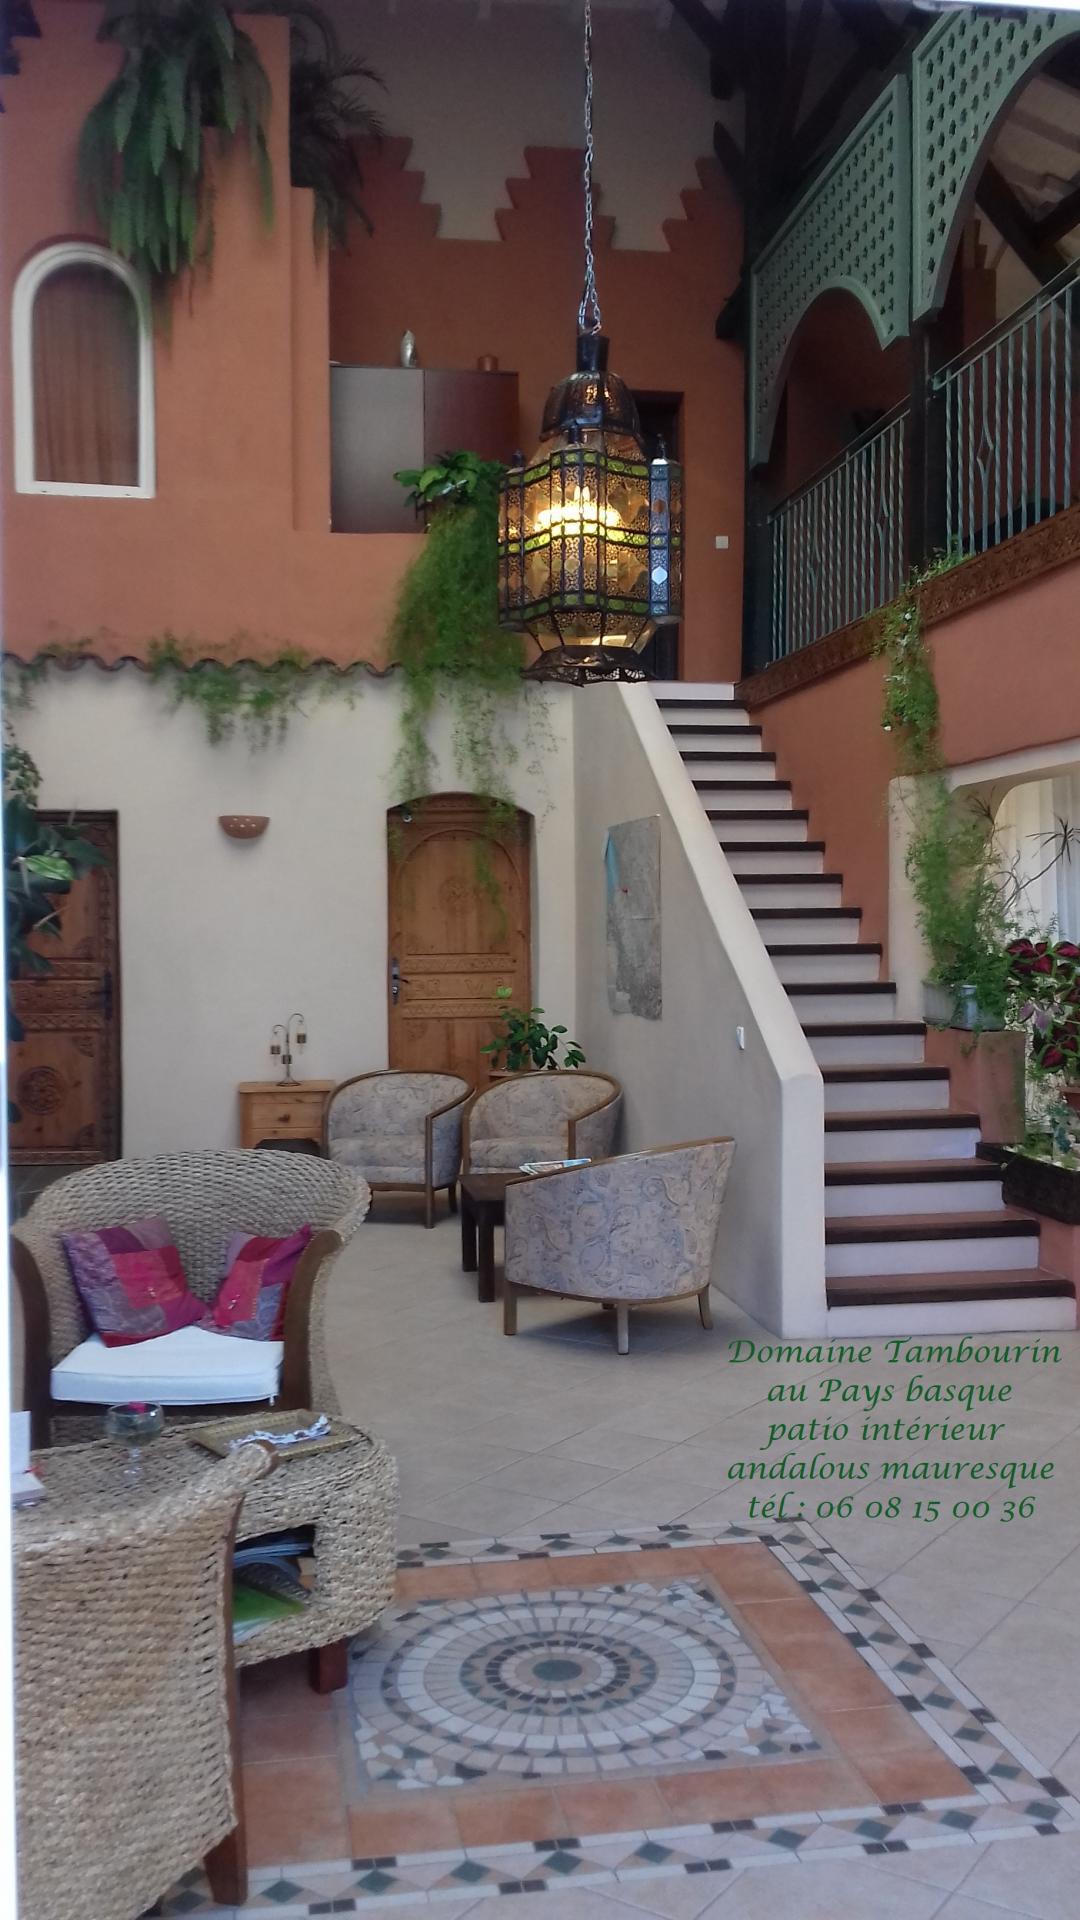 patio in D Tambourin 17 juin 18